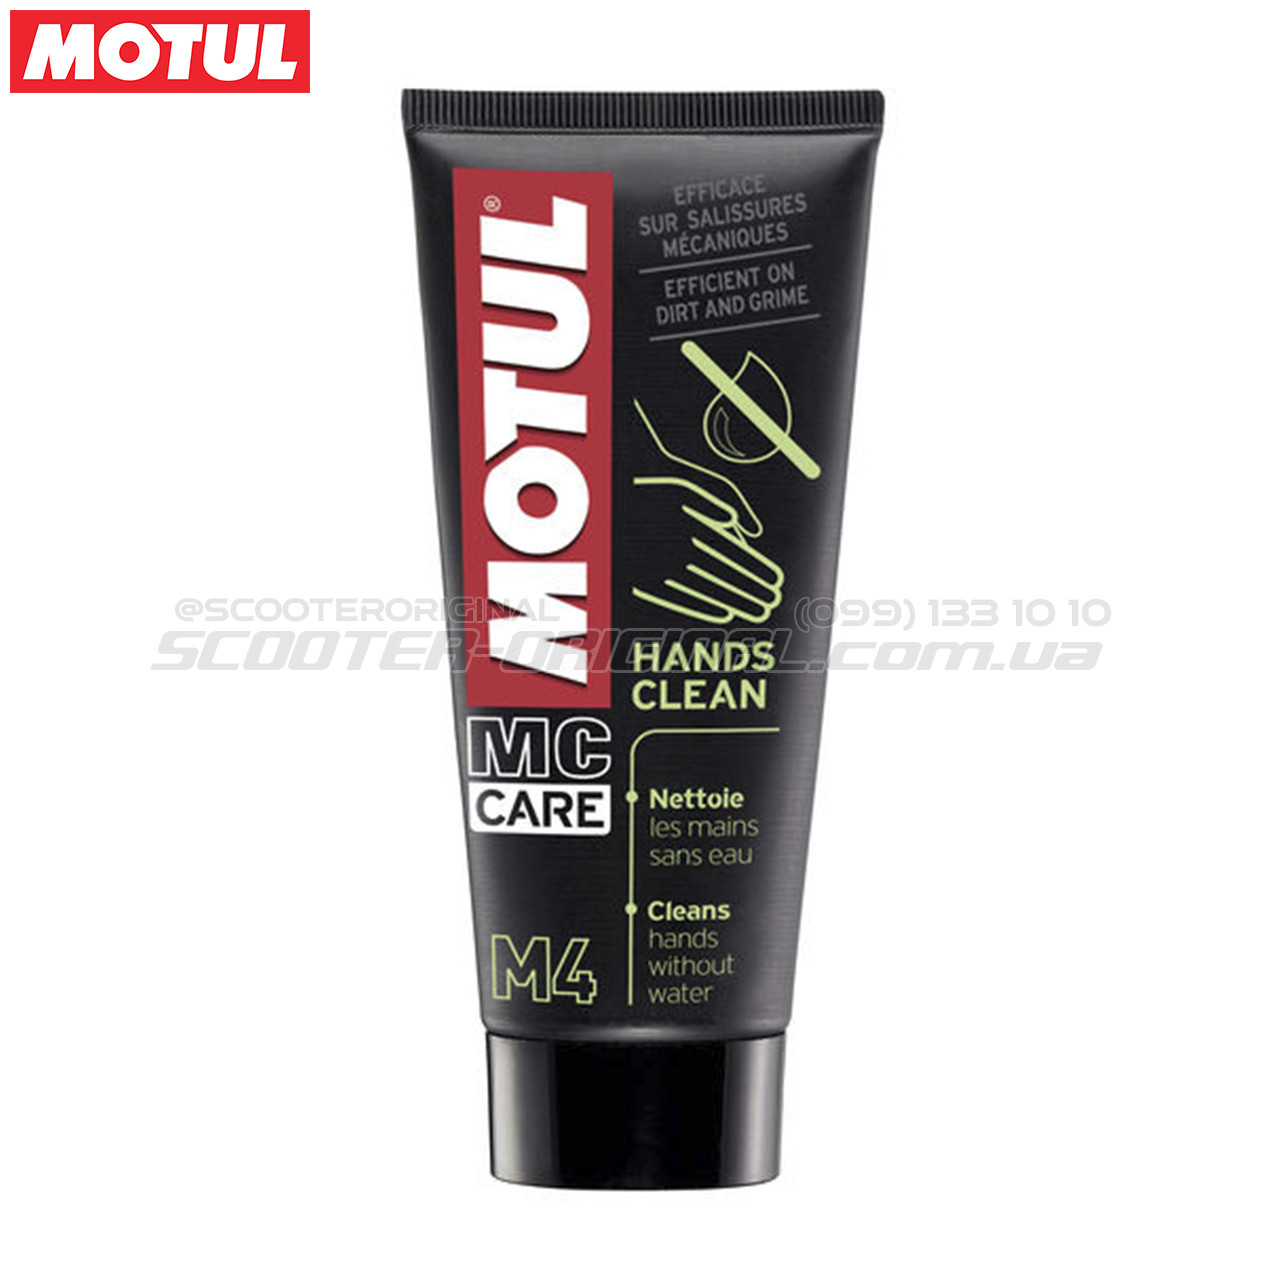 Крем для сухой чистки рук MOTUL M4 Hands Clean (100 мл)